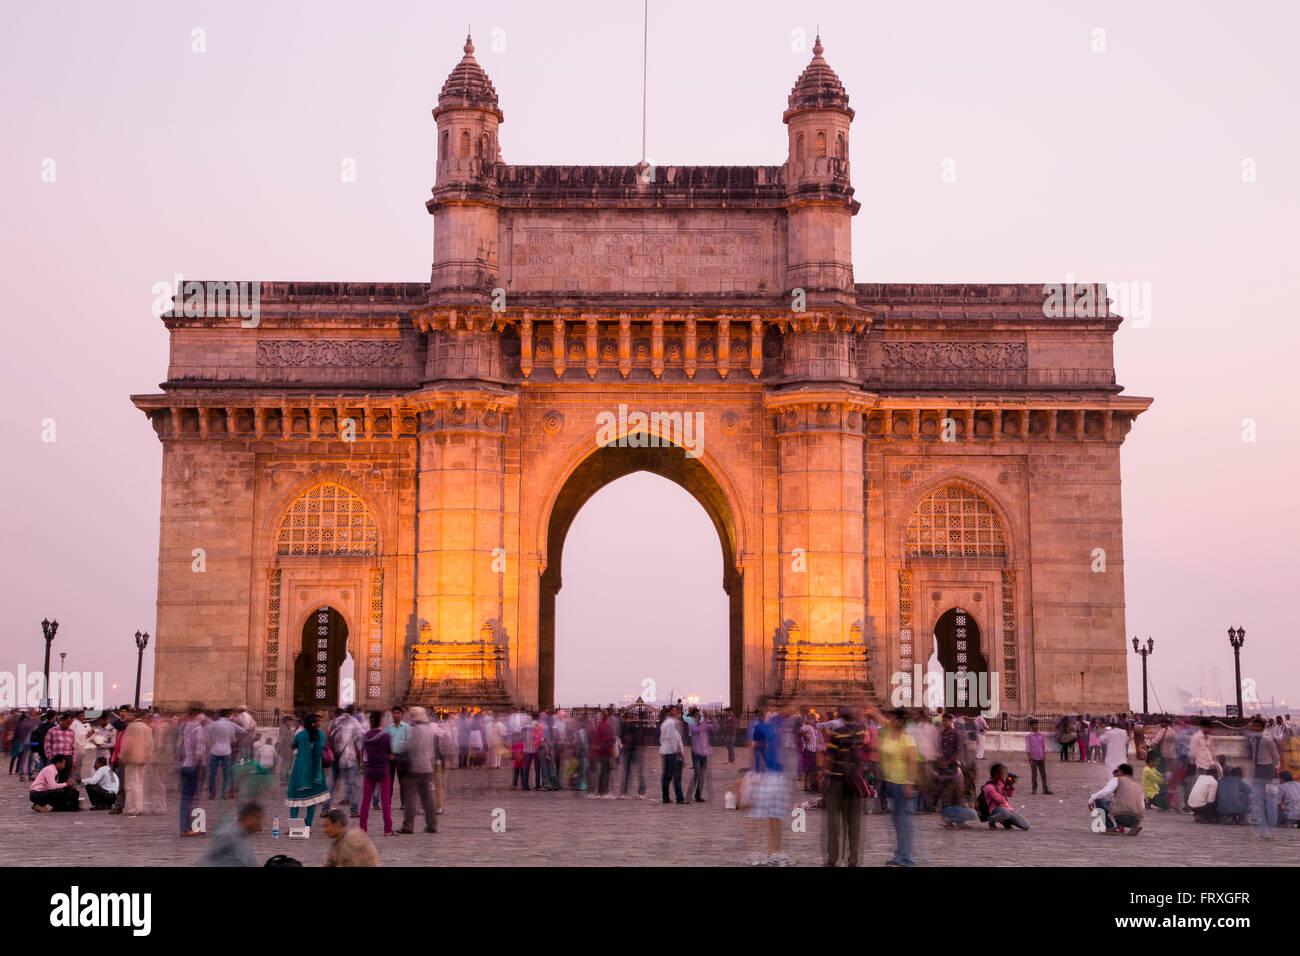 La gente en frente de la puerta de entrada a la India al anochecer, Bombay, Maharashtra, India Imagen De Stock